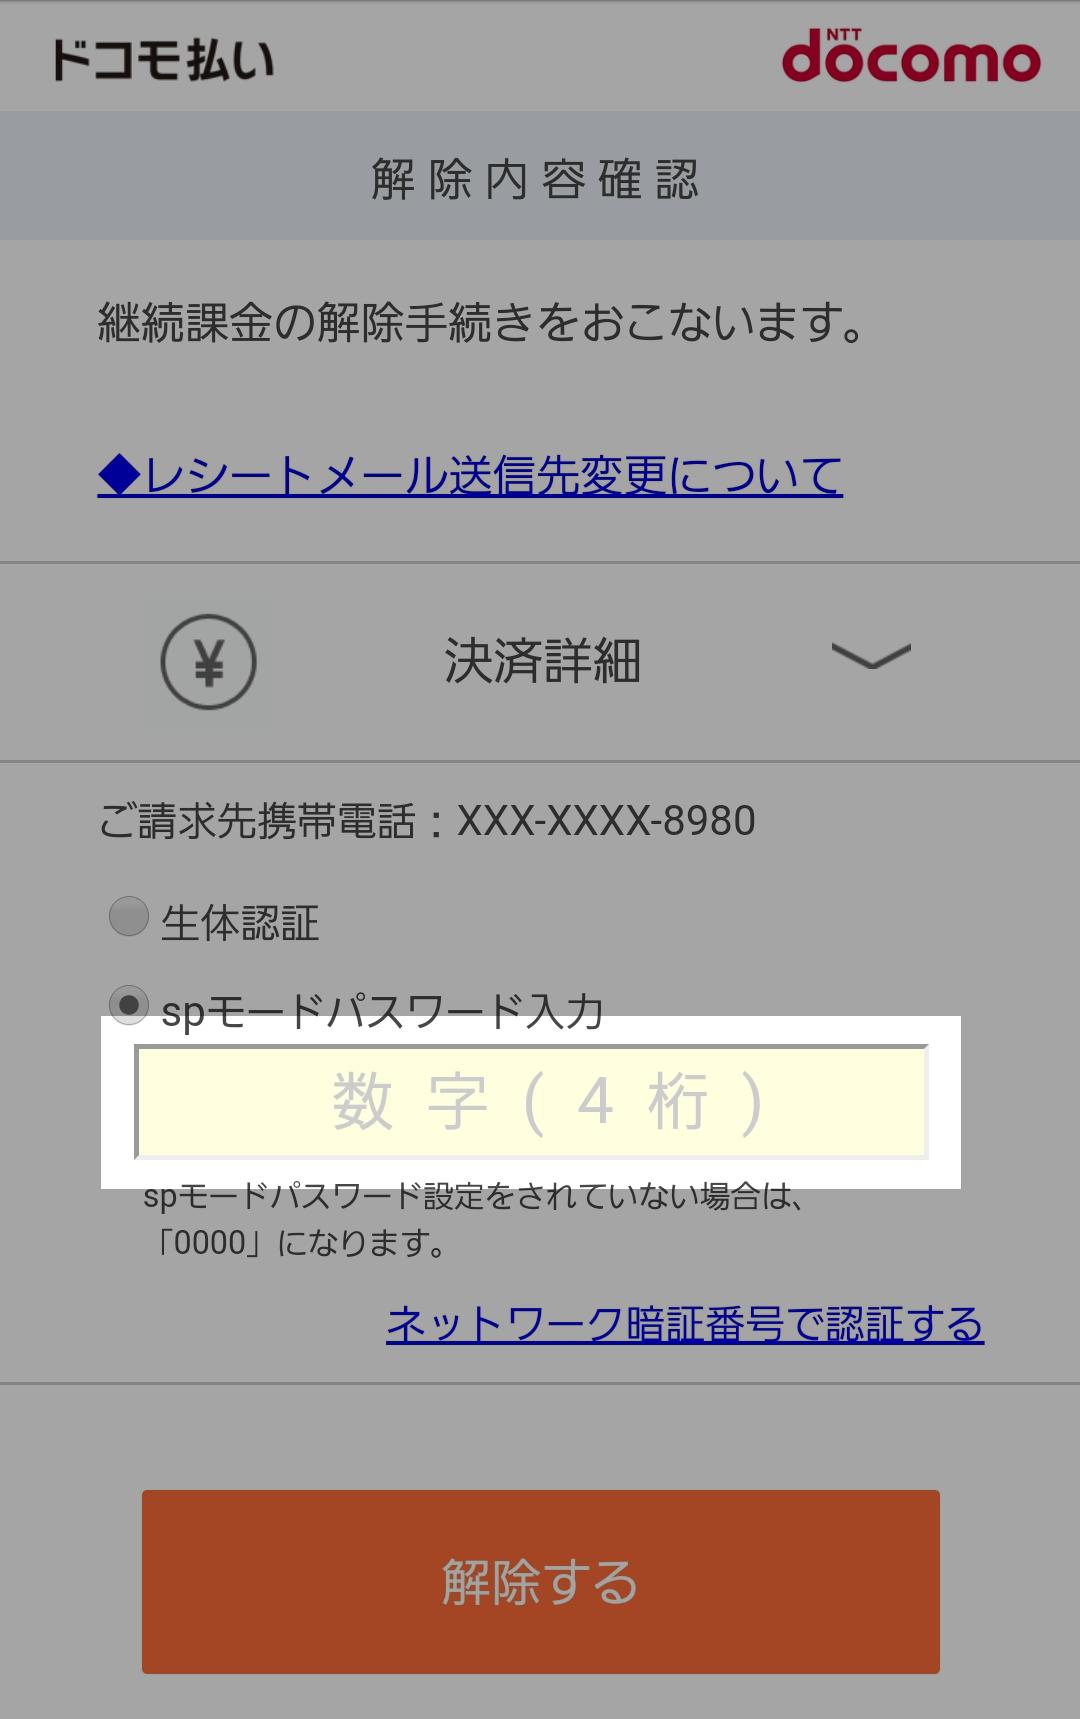 クレイジーキセカエ,SPモードパスワード